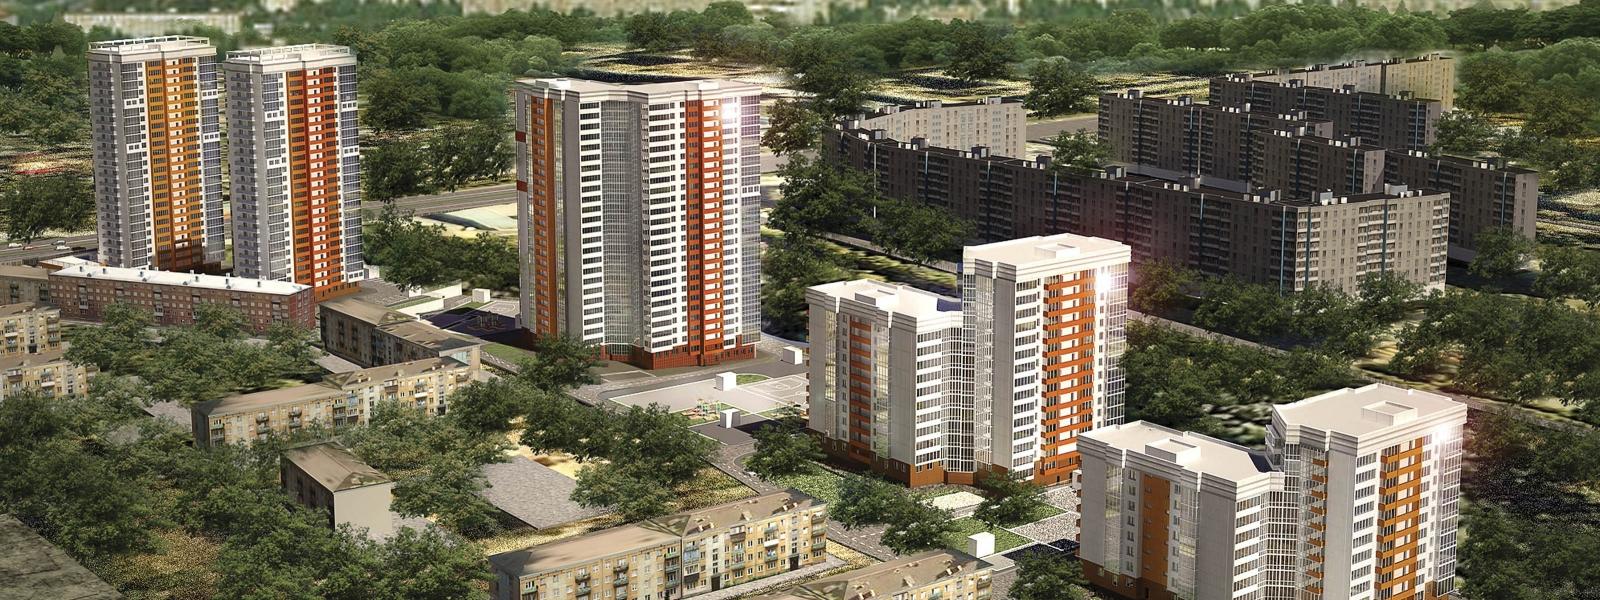 work-Жилые дома с помещениями общественного назначения и подземными автостоянками по ул. Танковая